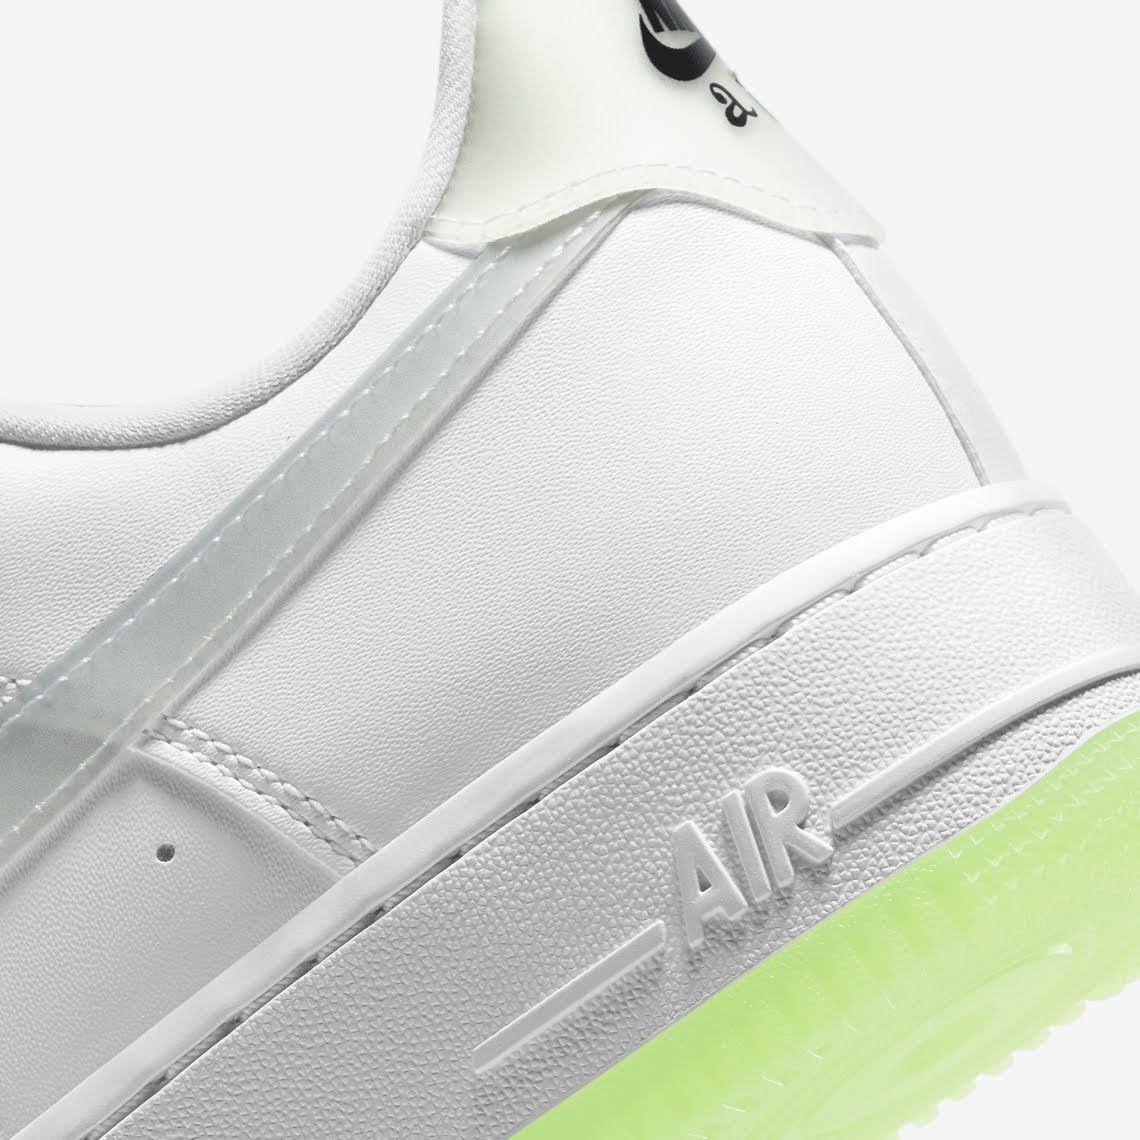 ナイキ エア フォース 1 ハブ ア ナイキ デー グロー イン ザ ダーク ホワイト Nike-Air-Force-1-Low-Have-A-Nike-Day-CT3228-100-CT3228-701 heel